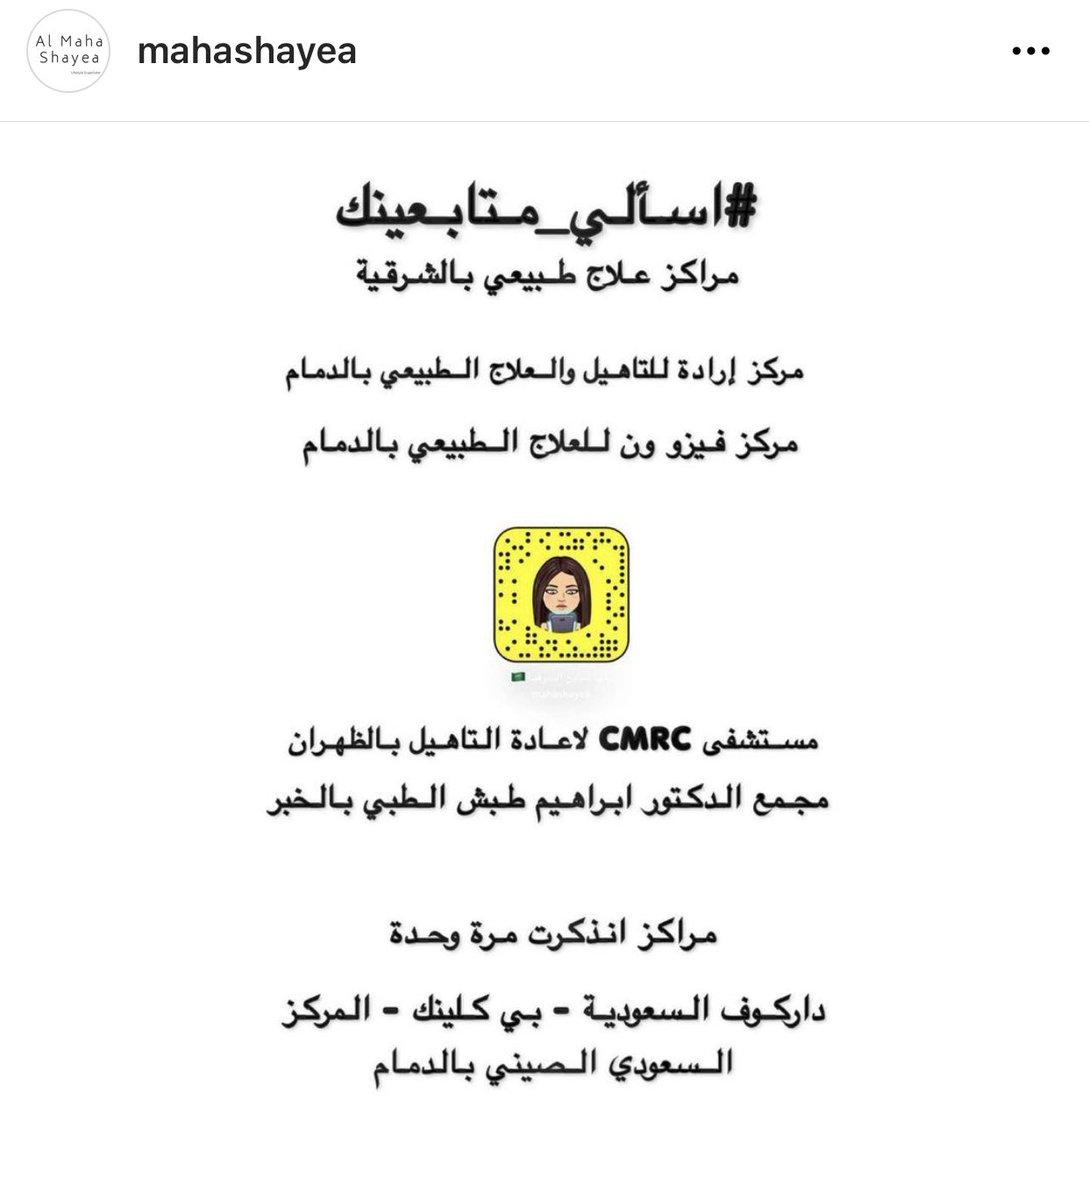 خصومات المركز السعودي الصيني بمناسبة الافتتاح منتدى عروض ستي